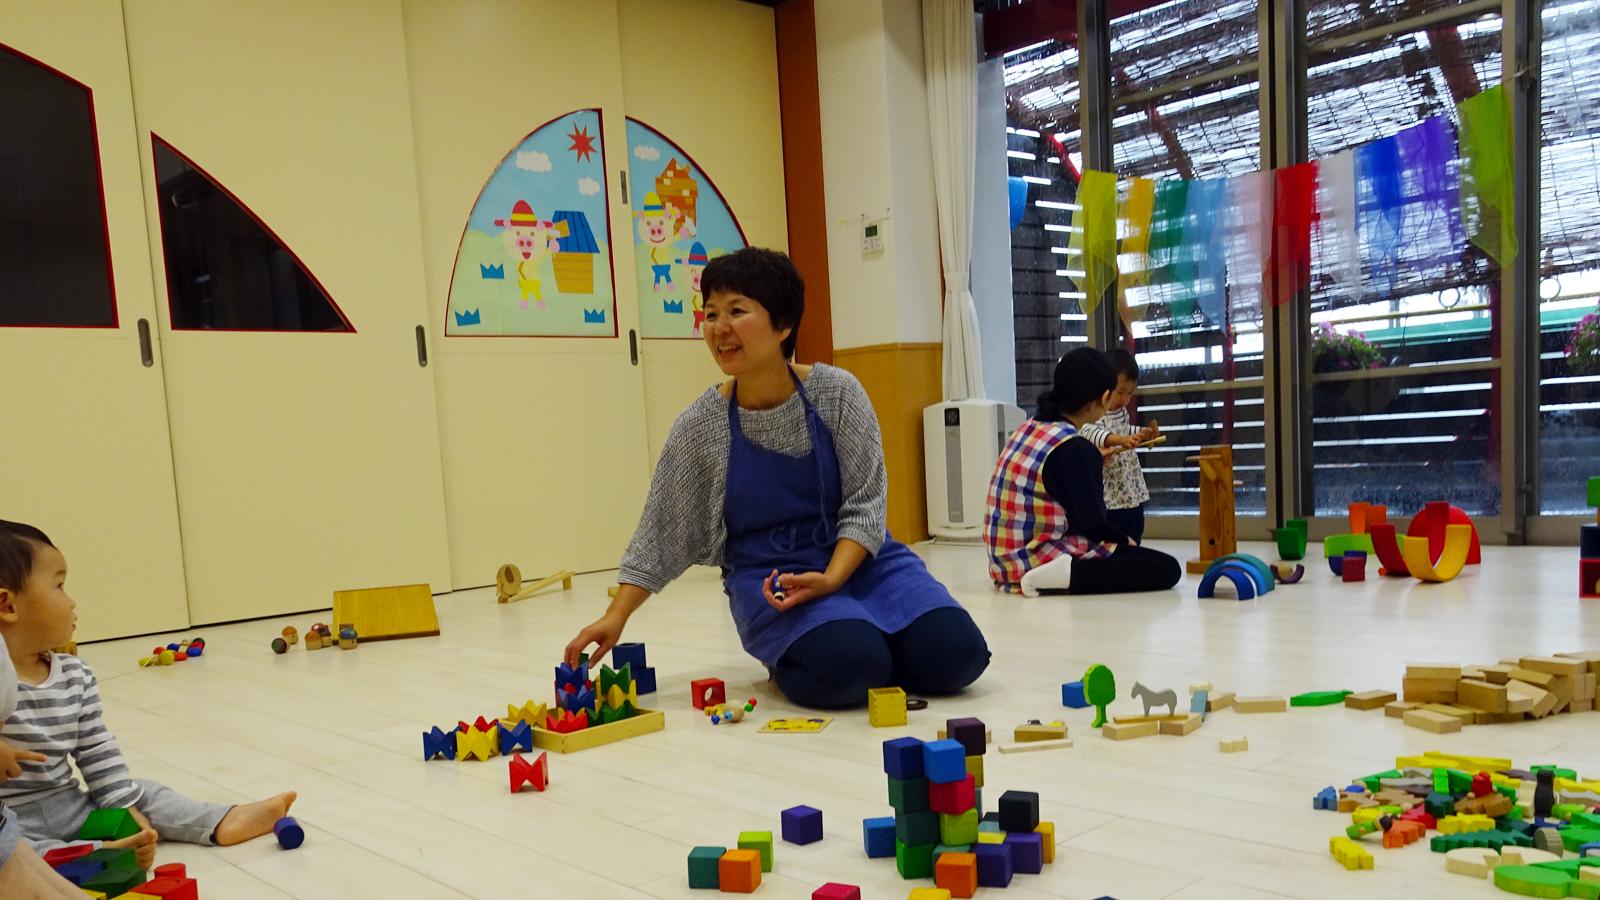 保育・おもちゃのプロとして子どもの育つ場を作る―新潟市・岡田真弓さんの木育広場